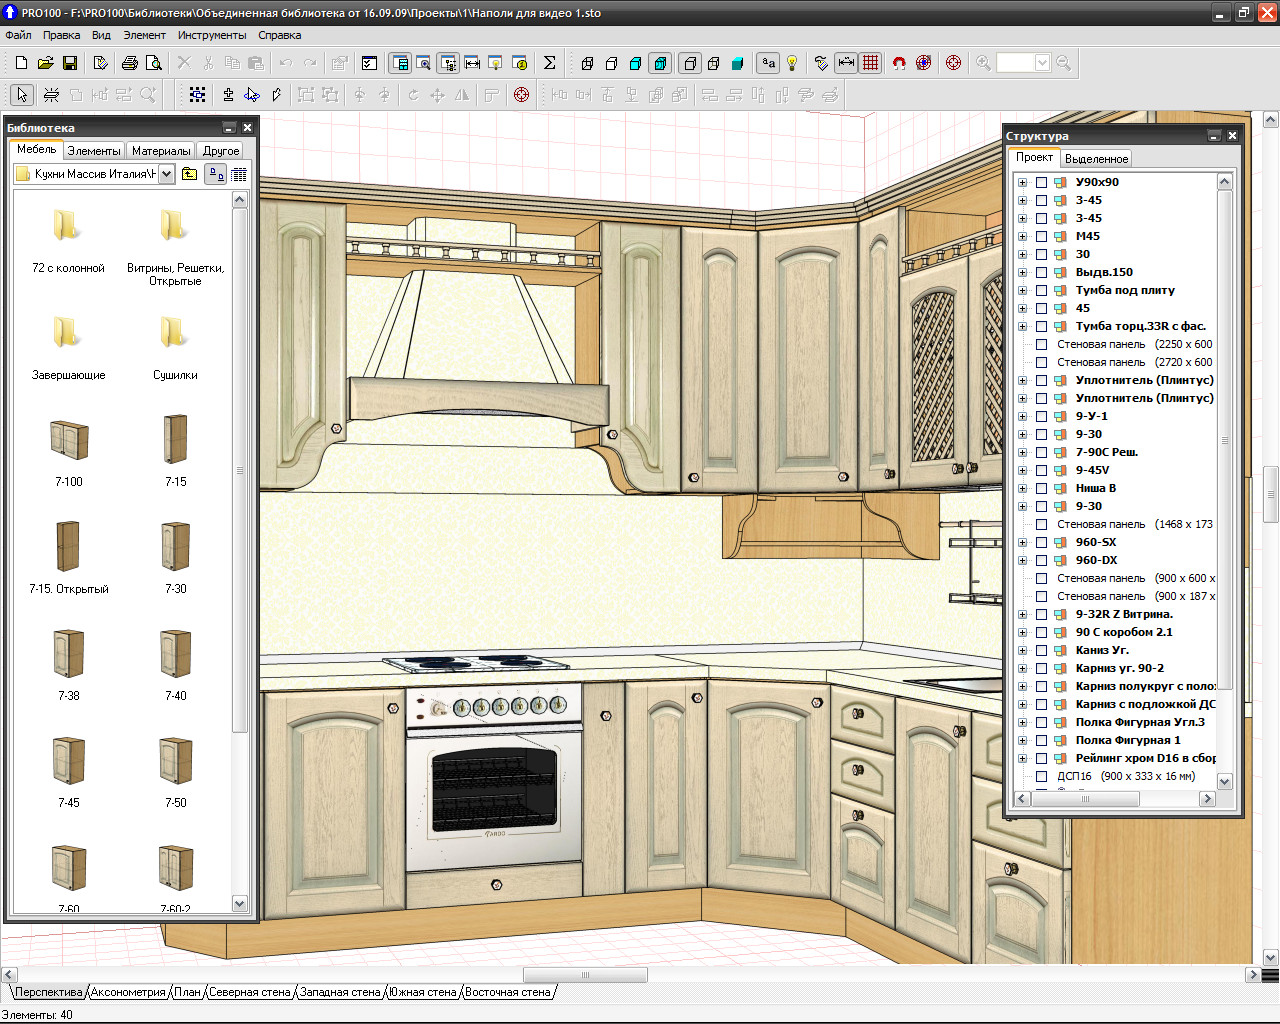 """Дизайн корпусной мебели программа скачать бесплатно """" Картинки и фотографии дизайна квартир, домов, коттеджей"""